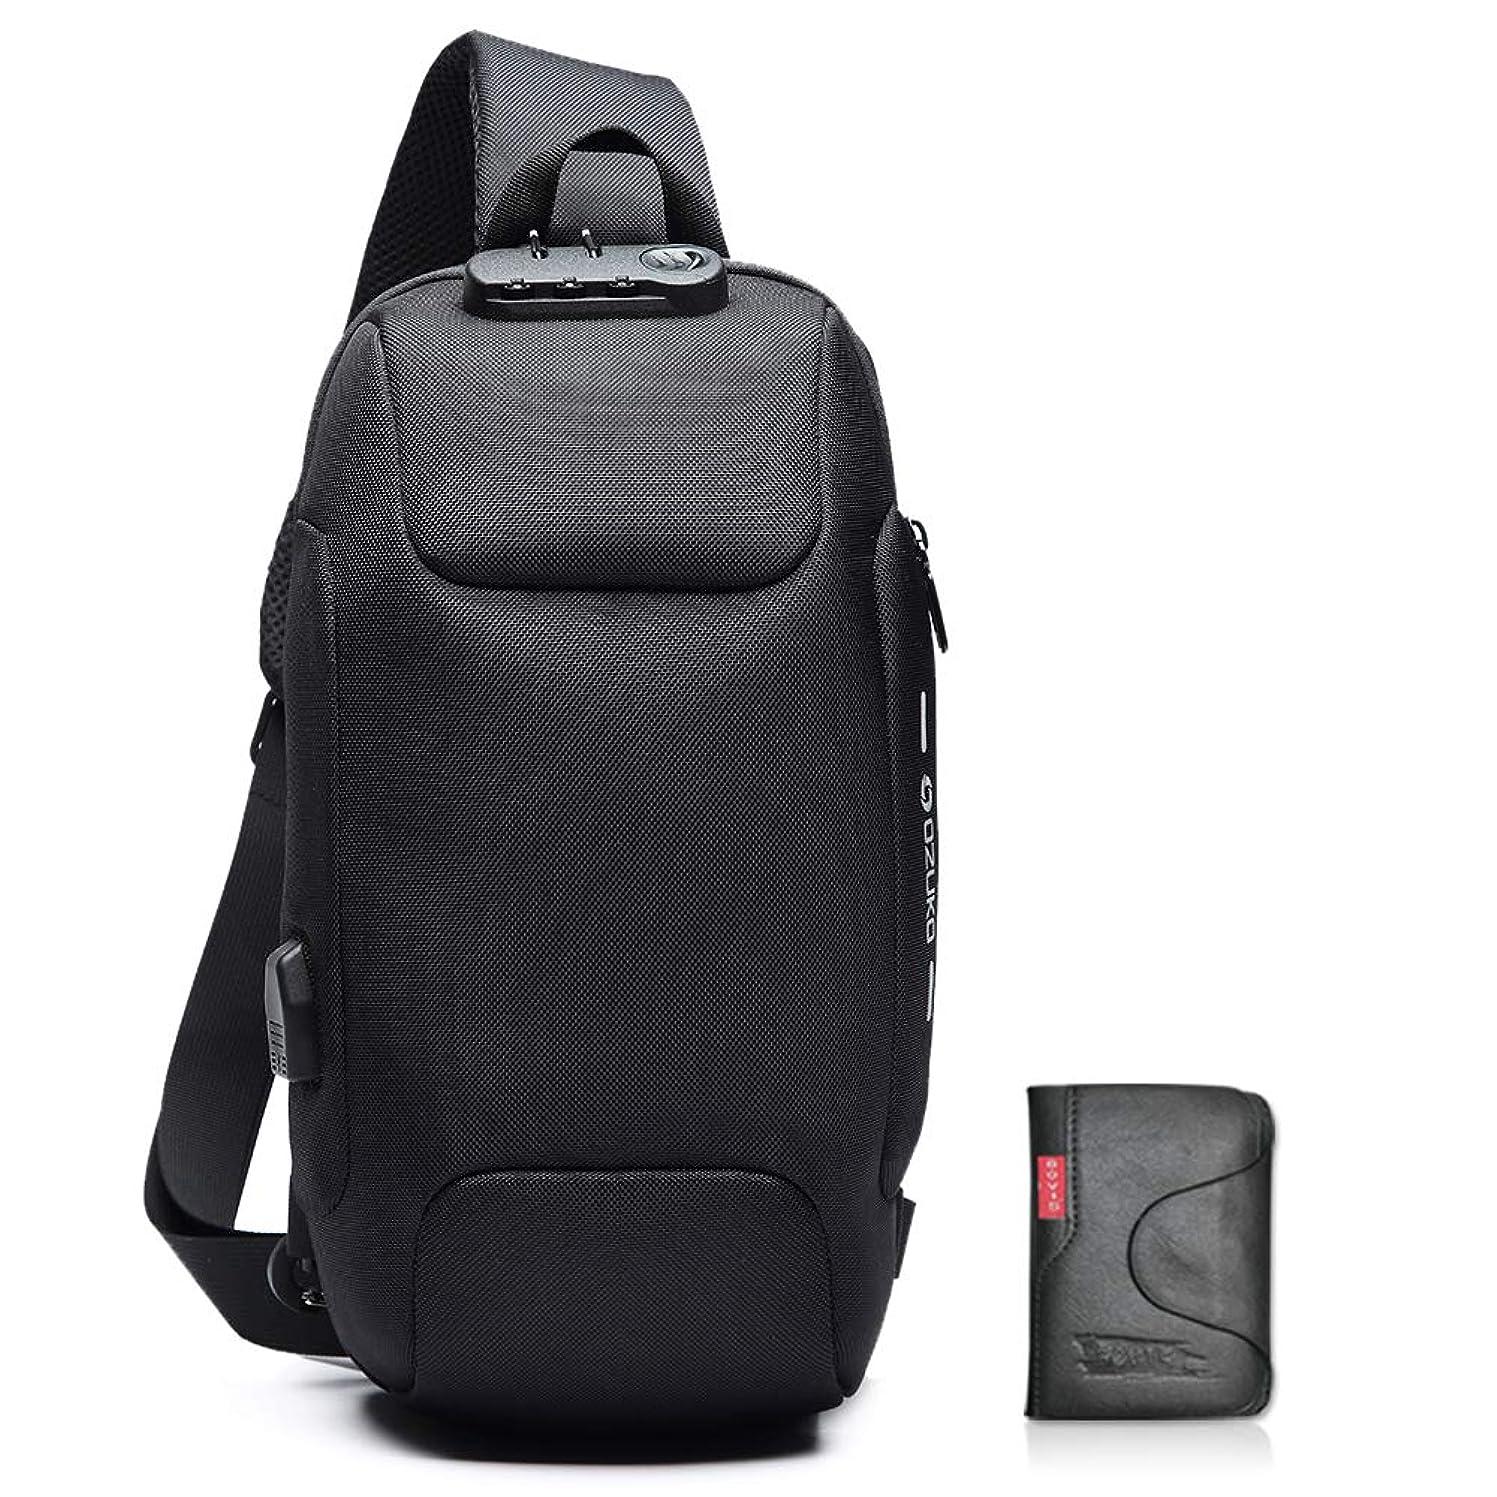 出口ぶどう慰めボディバッグ メンズ USB ショルダーバッグ 大容量 軽量 防水 ワンショルダー 斜め掛けバッグ